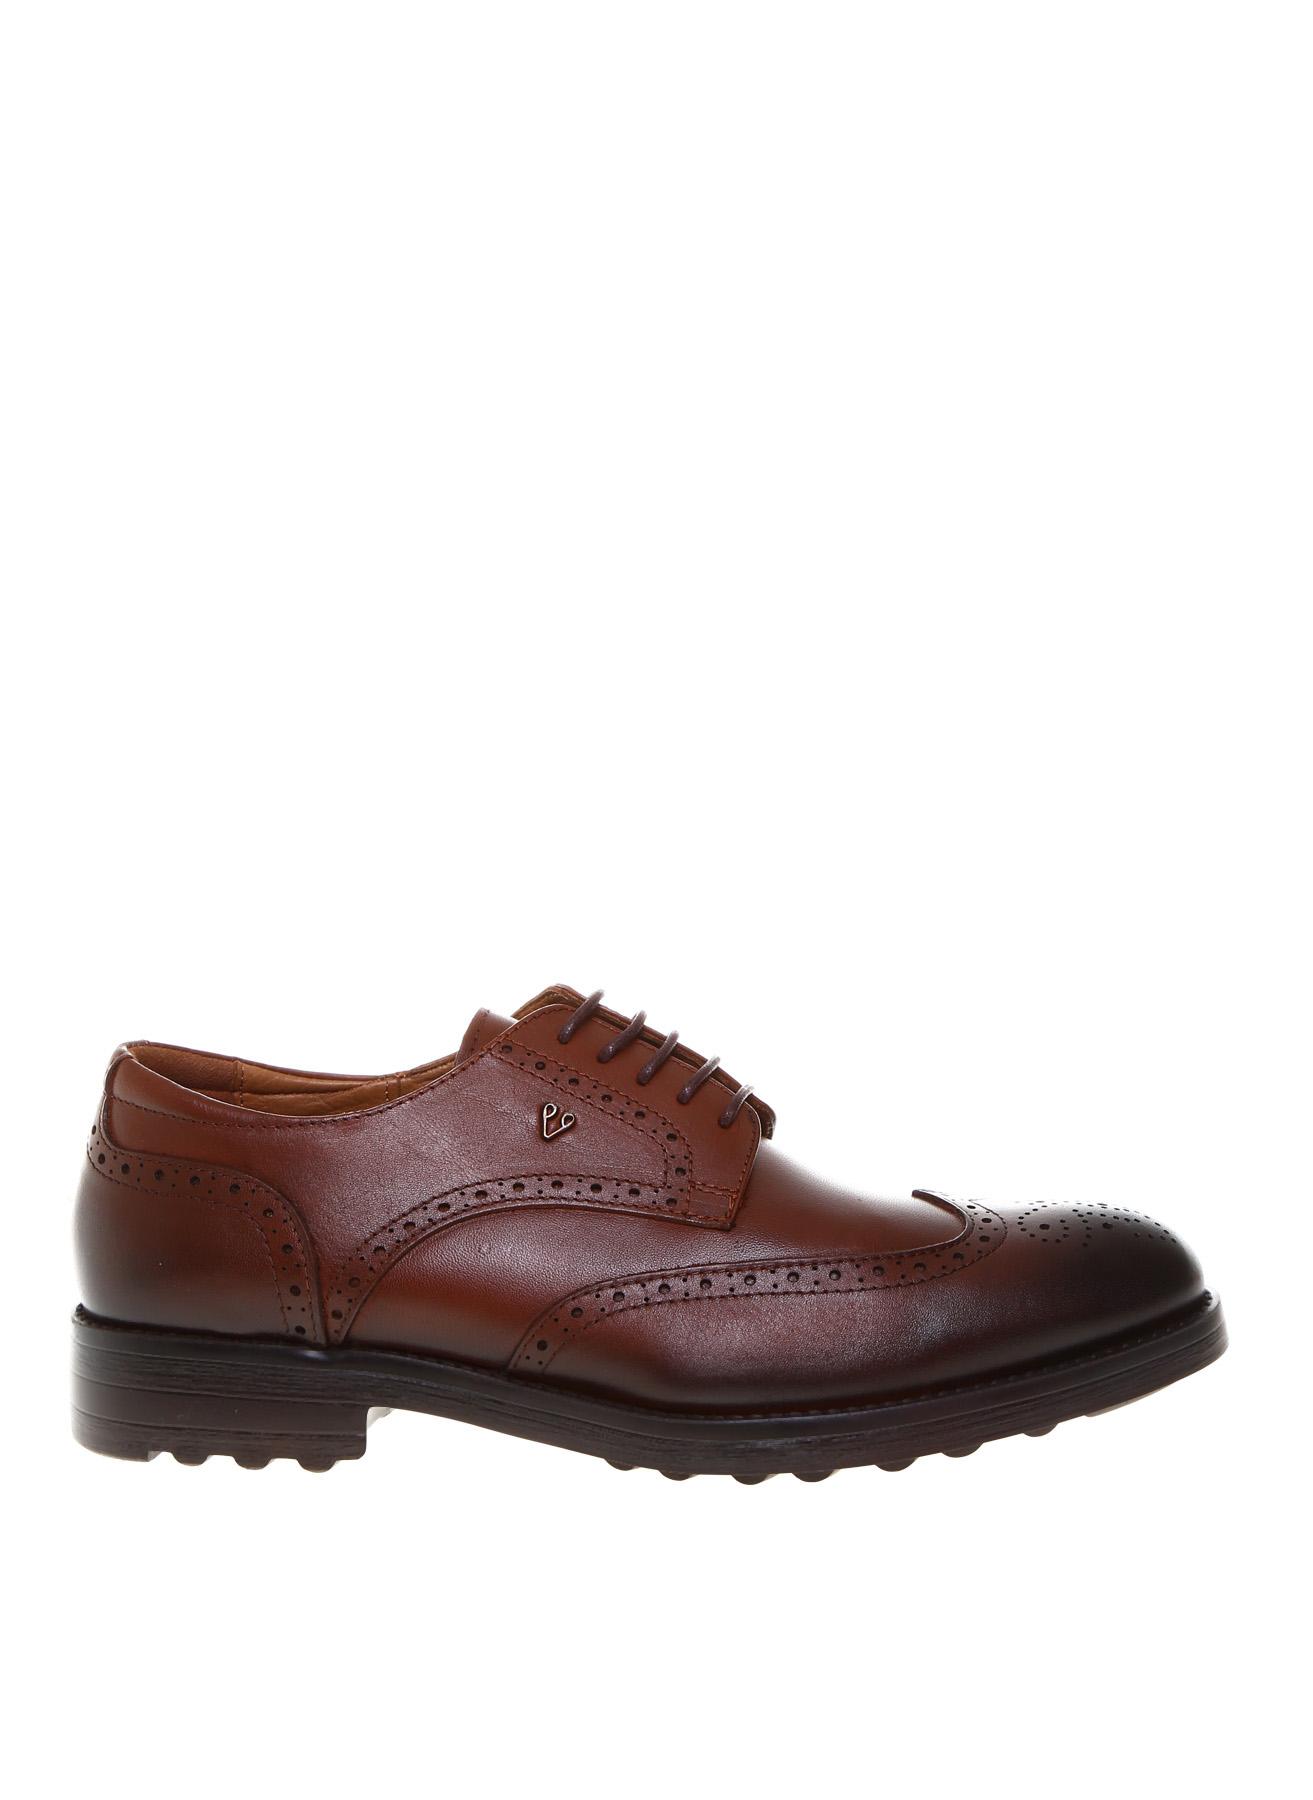 Forelli Klasik Ayakkabı 41 5001922250002 Ürün Resmi